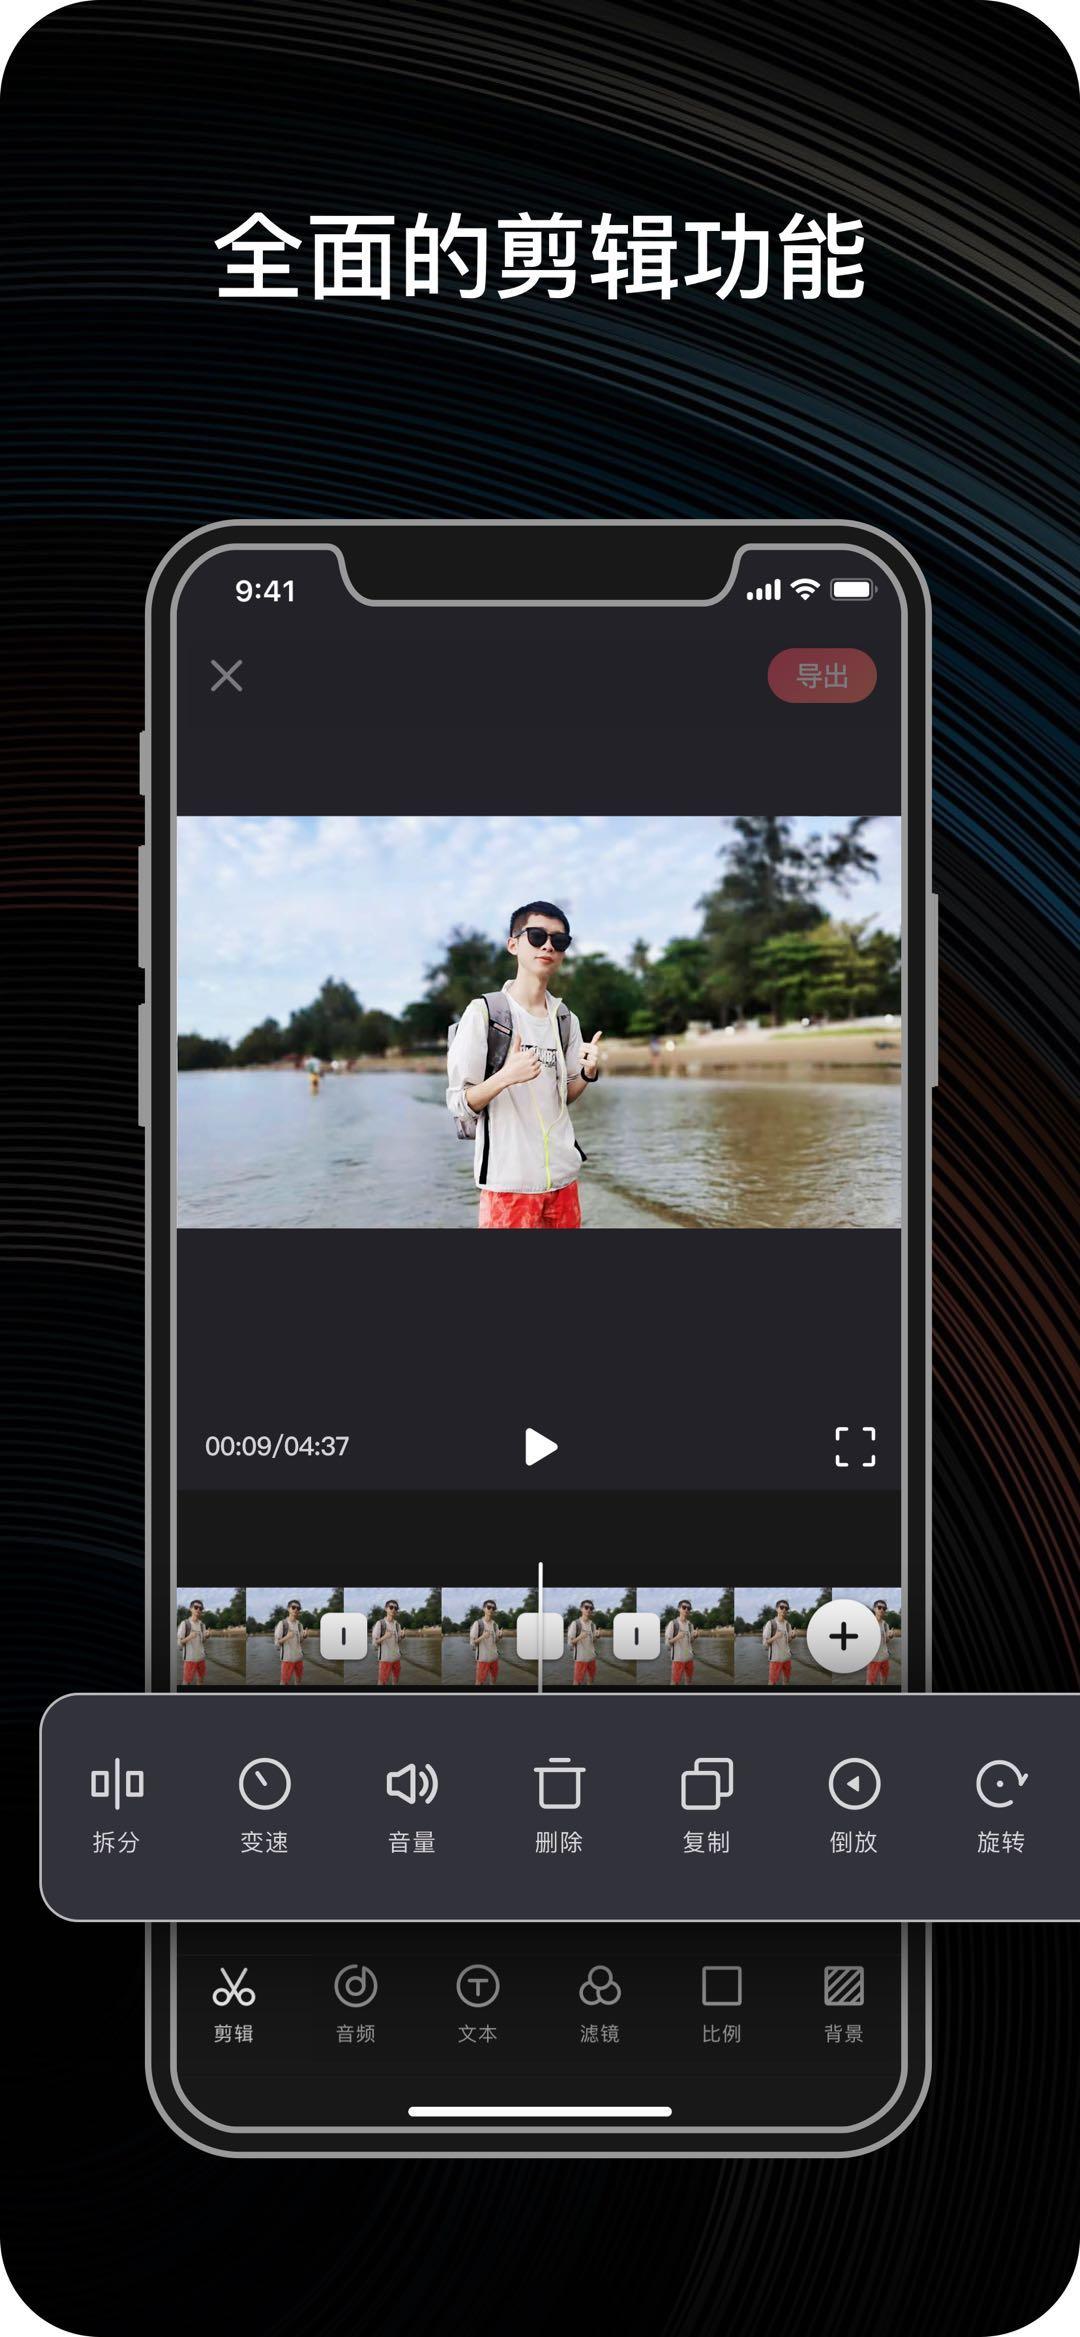 AntCut-视频剪辑制作软件截图1